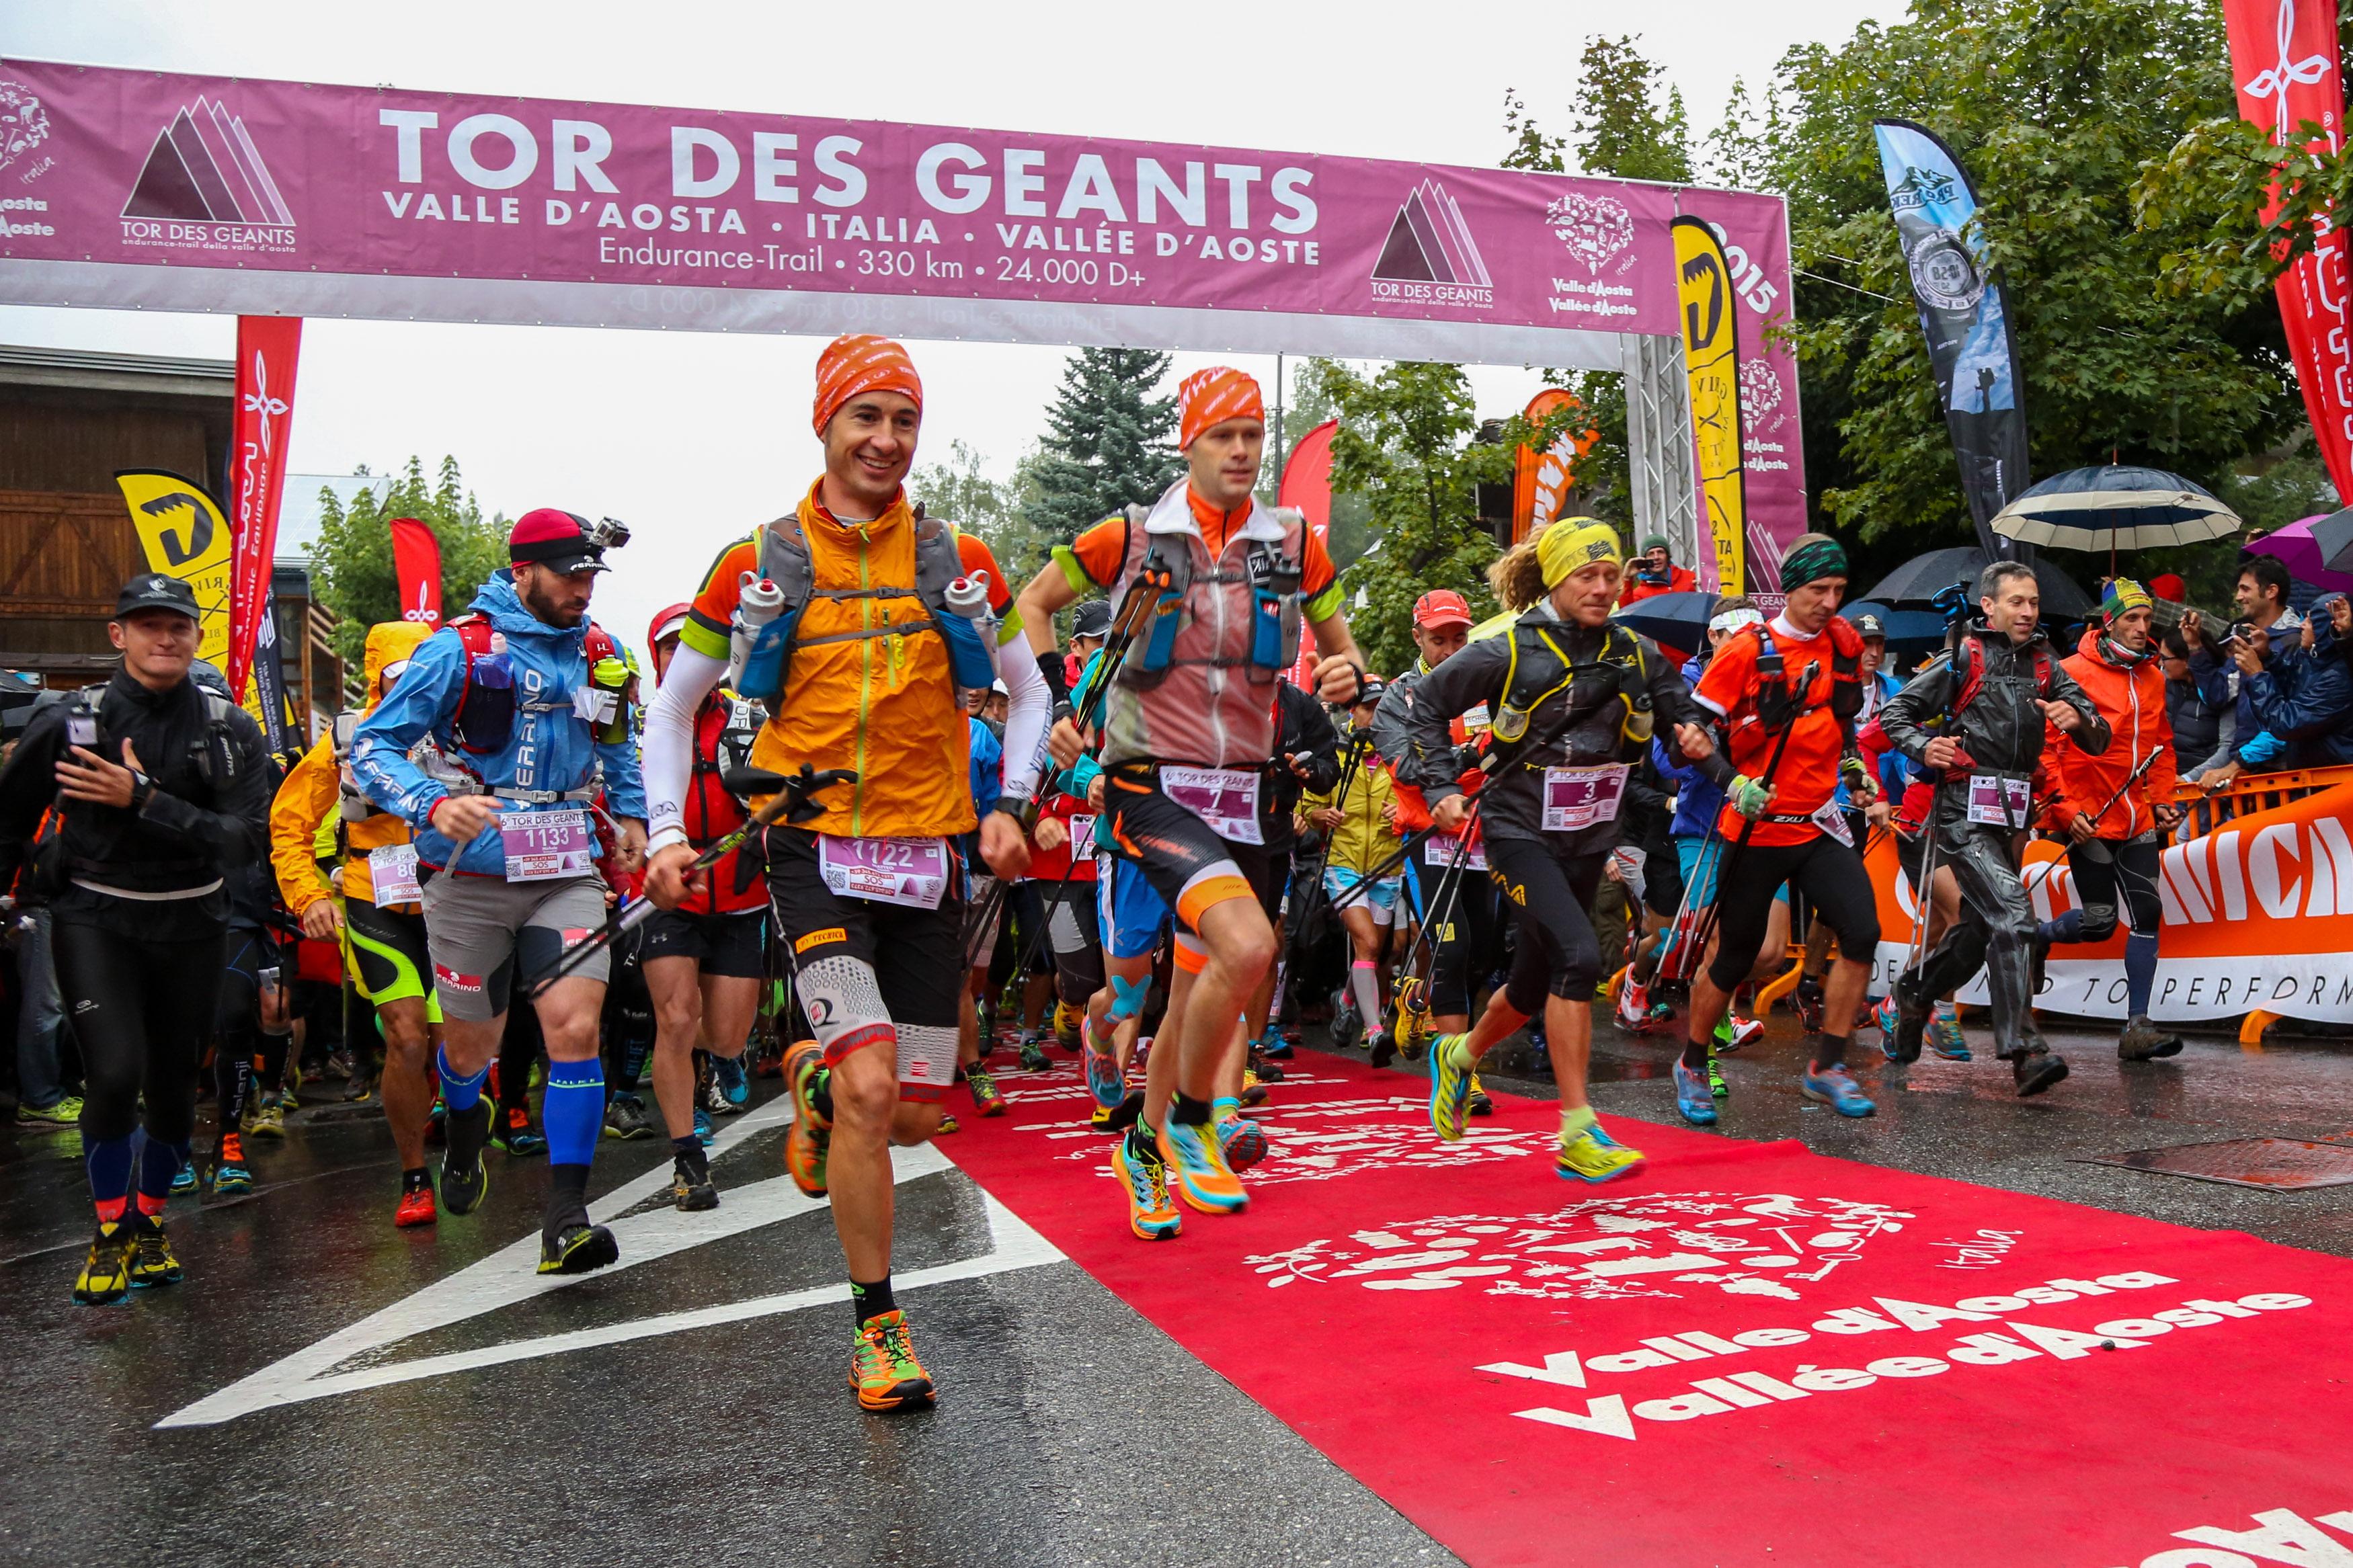 Photo of Tor des Geants, è di nuovo spaccatura fra Vda Trailers e la Regione Valle d'Aosta